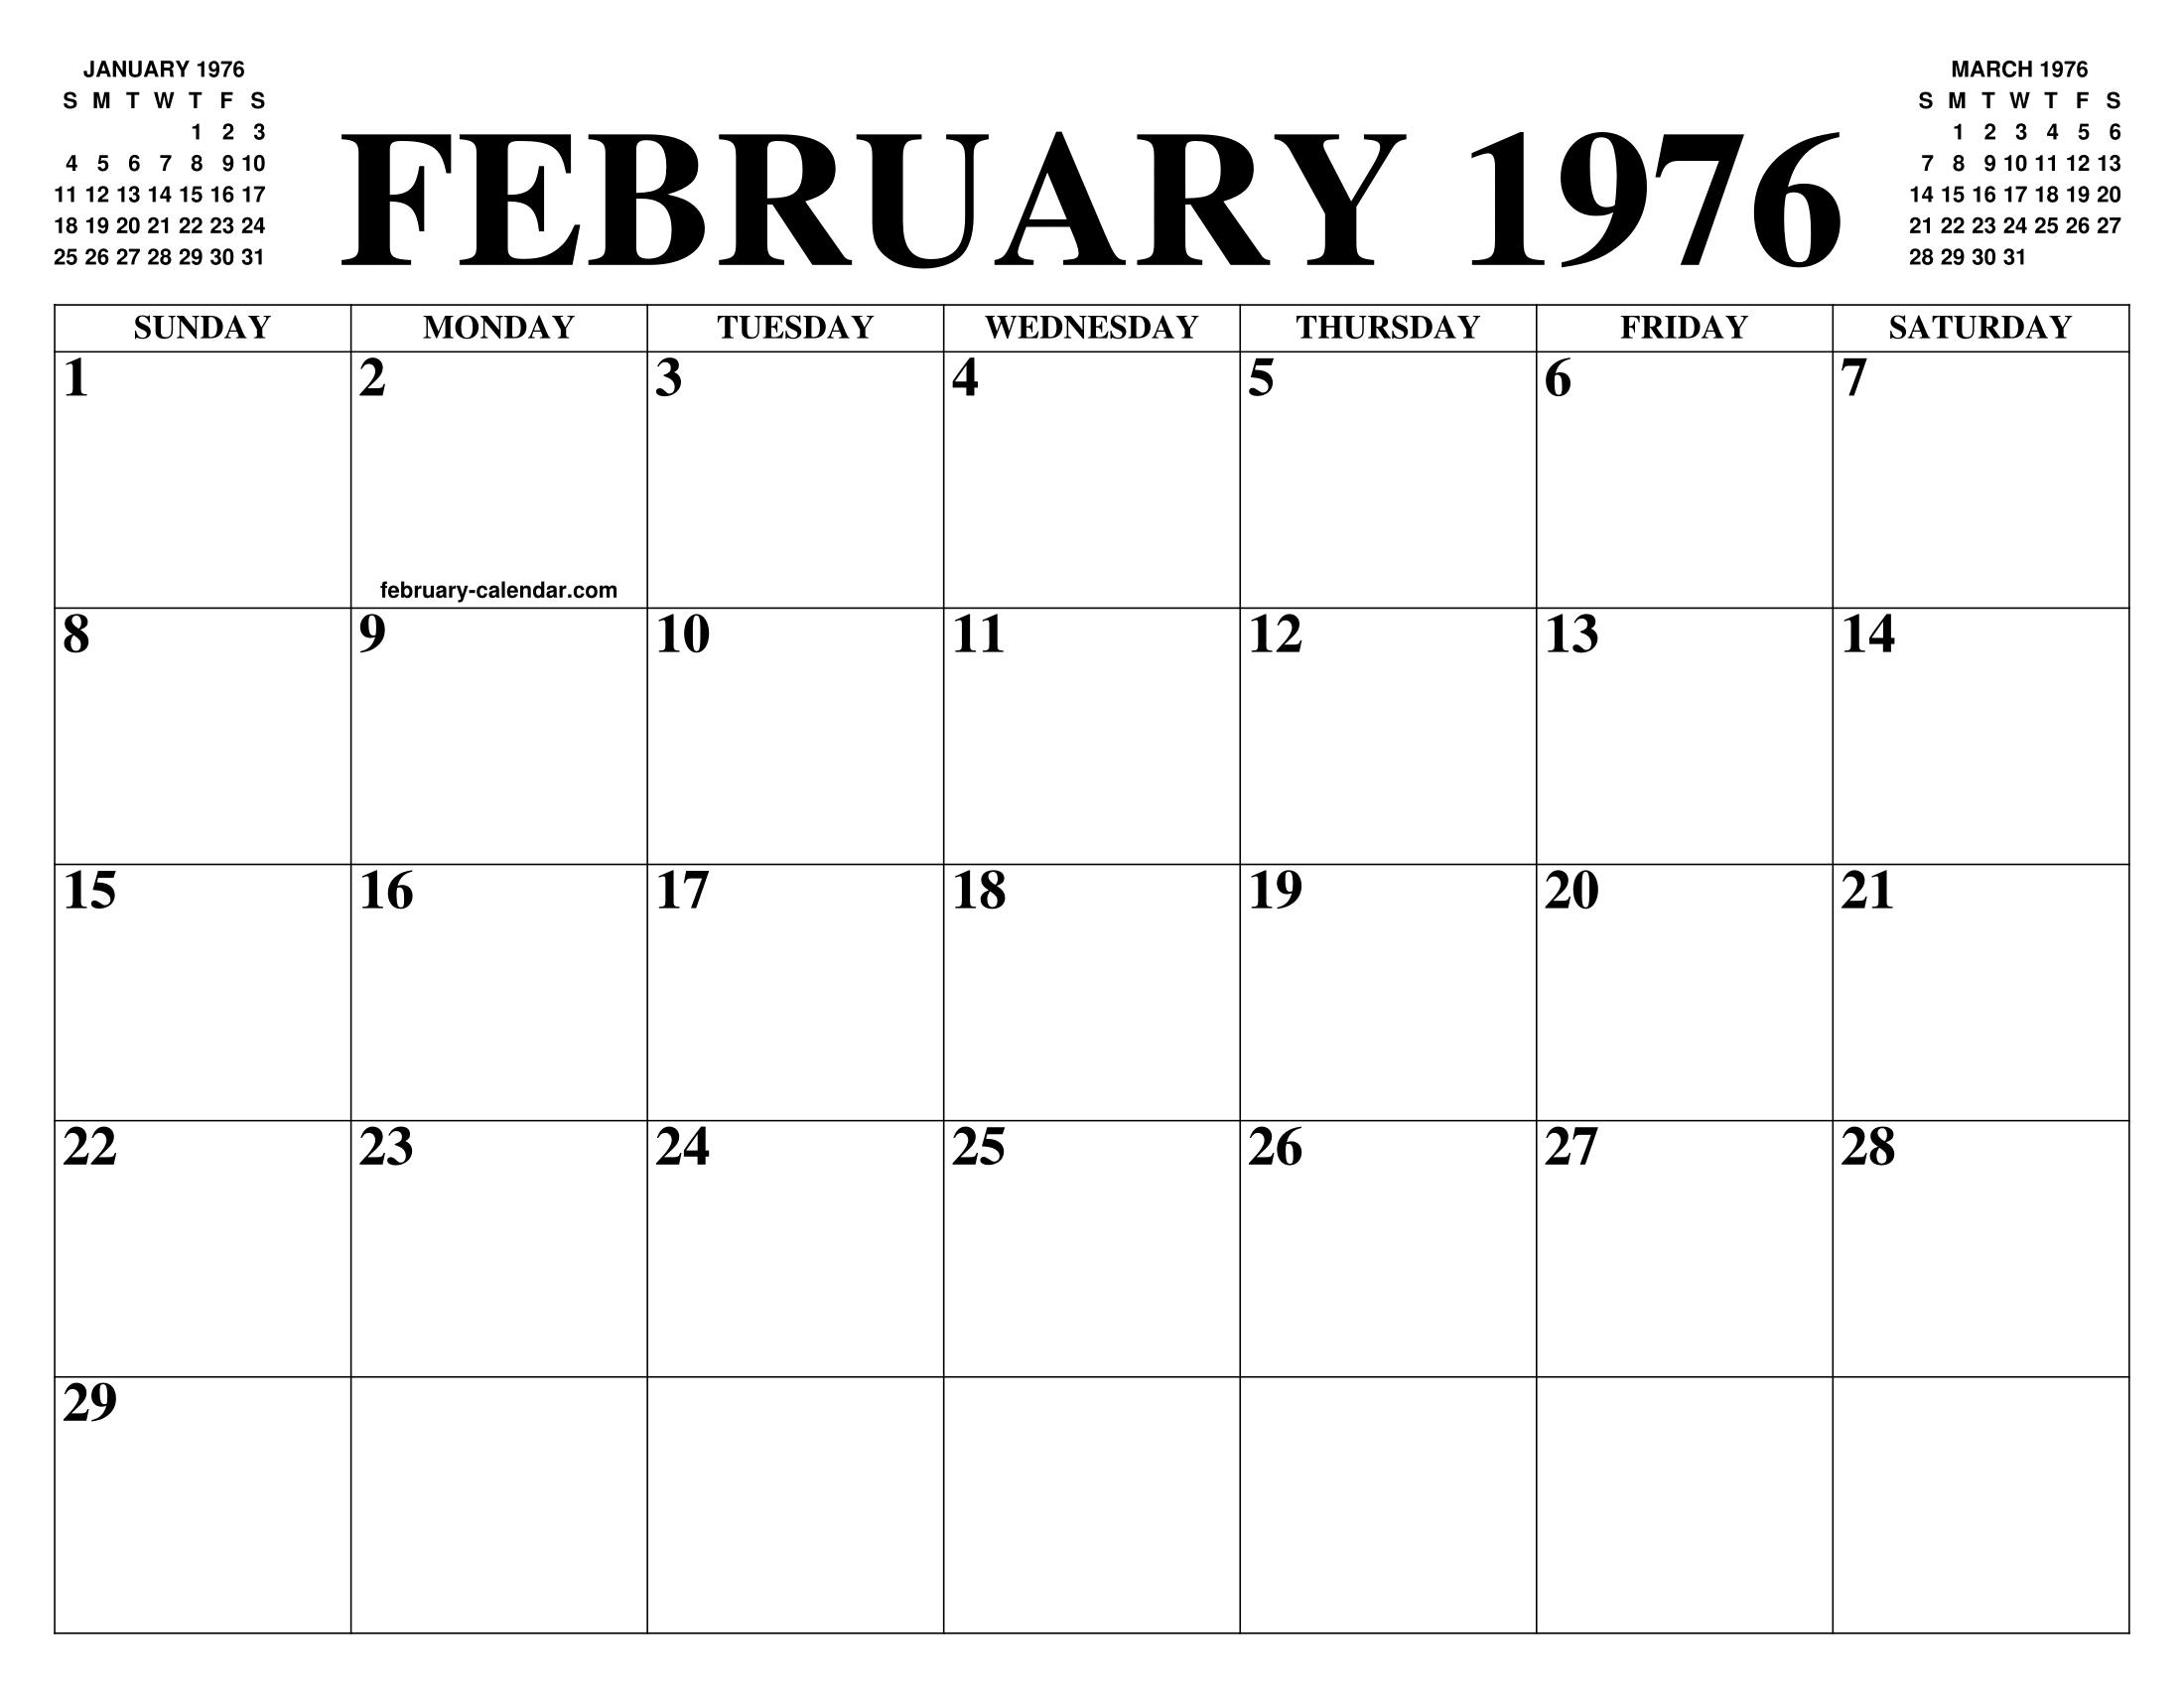 Calendario 1976.February 1976 Calendar Of The Month Free Printable February